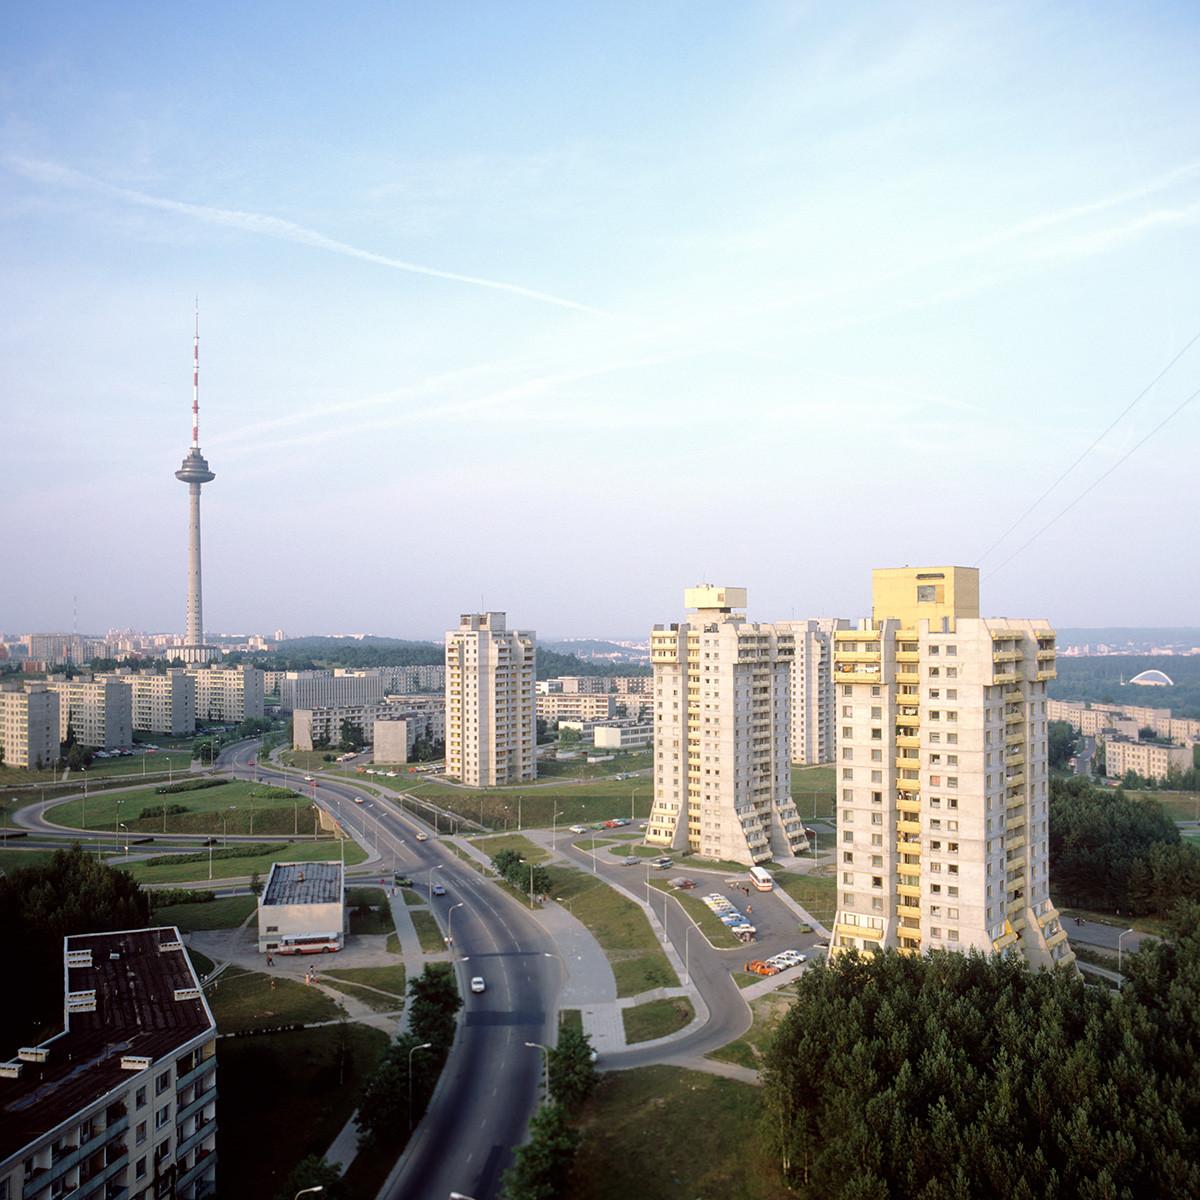 Микрорејон Лаздинај у Вилњусу, 1985 год Литовска ССР.